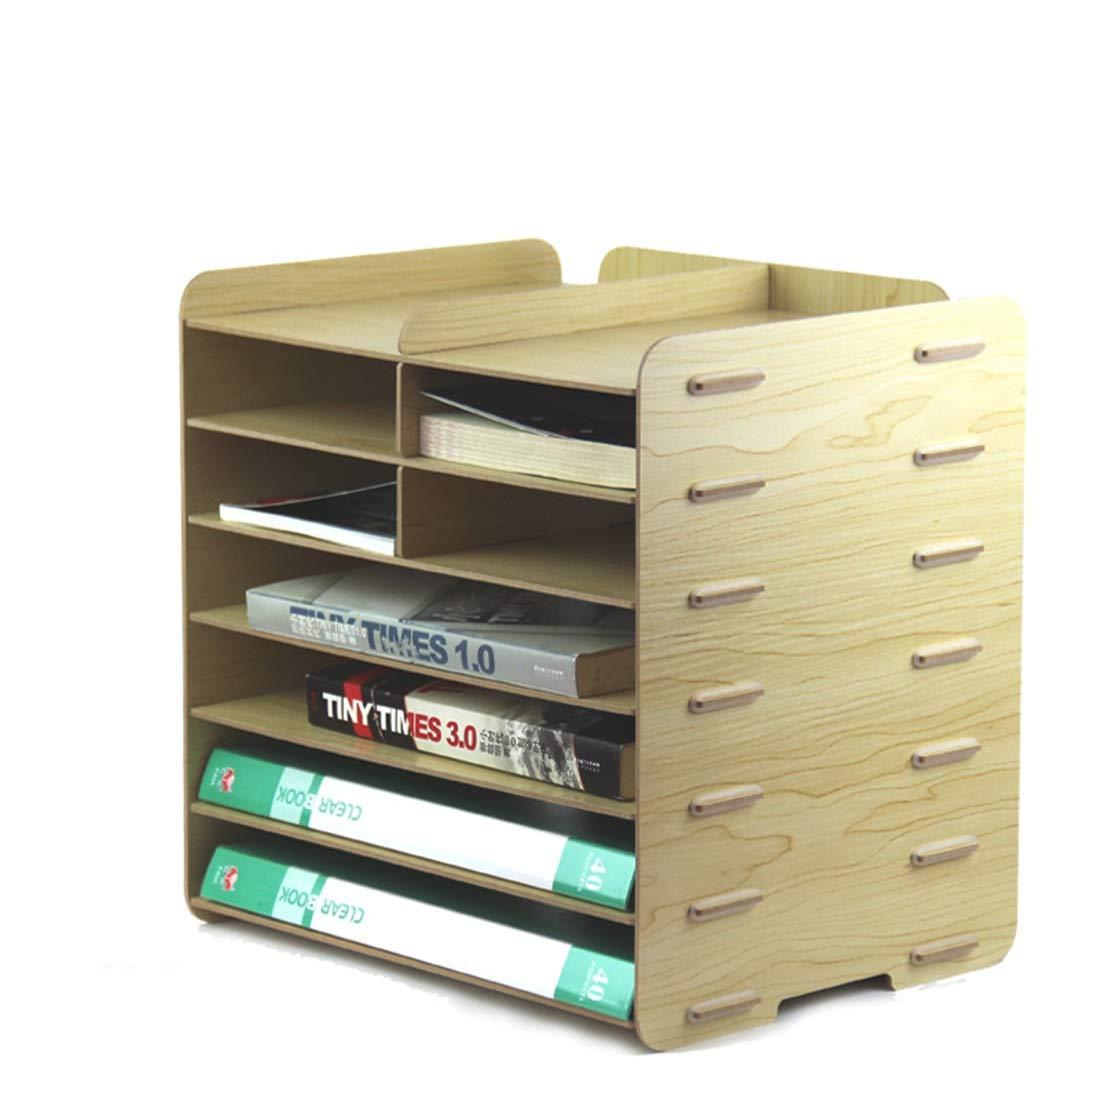 方朝日スポーツ用品店 オフィス用品デスクトップA4とA5ファイルボックスクリエイティブな木製のマルチレイヤーデータストレージラック (色 : Maple)  Maple B07RBJJVJ7